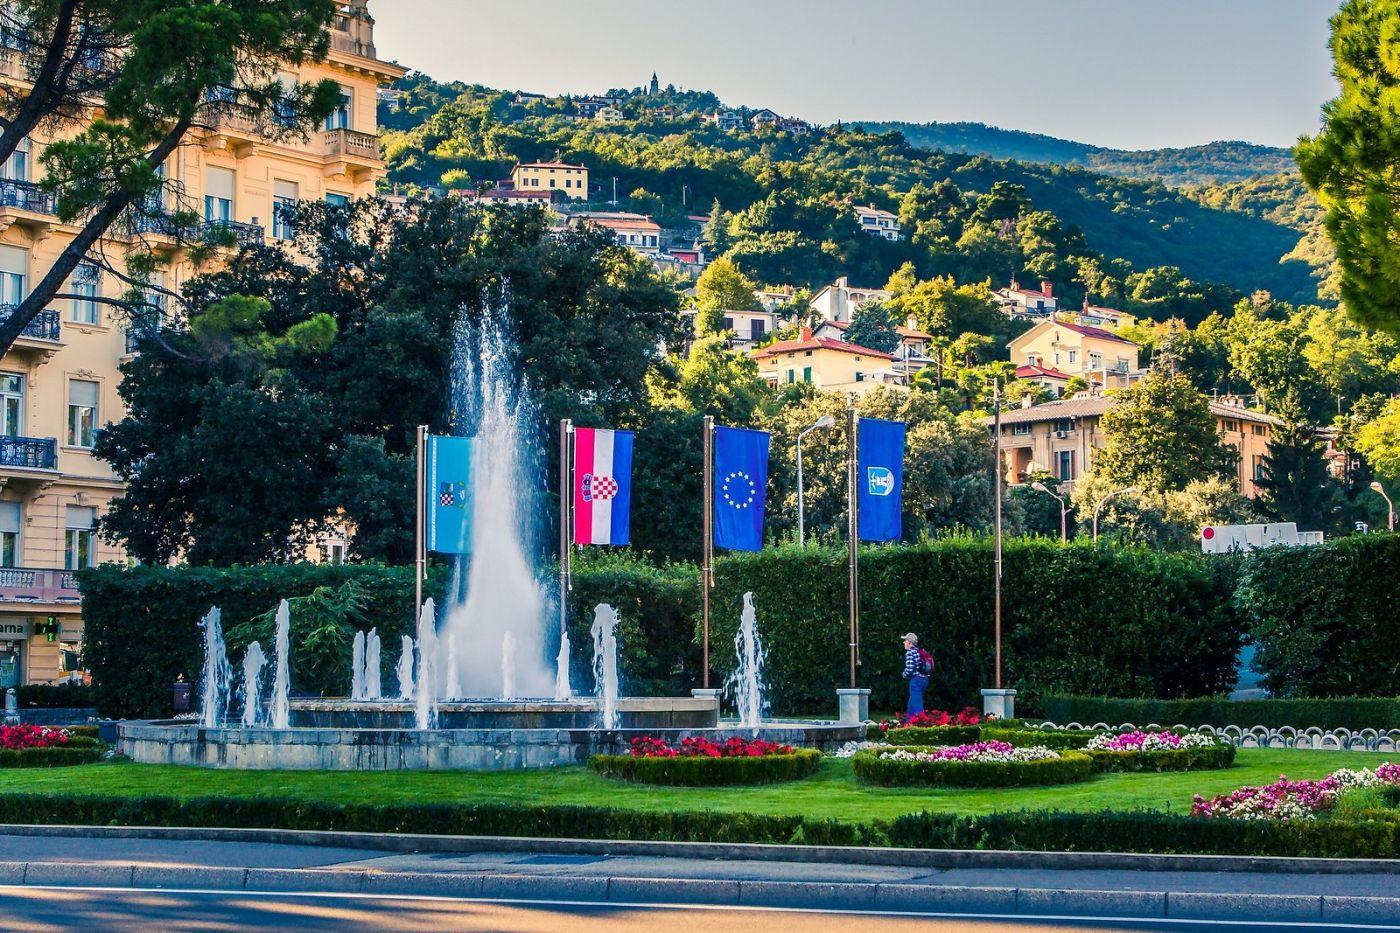 克罗地亚奥帕蒂亚(Opatija),洒满阳光的海滨城市_图1-11